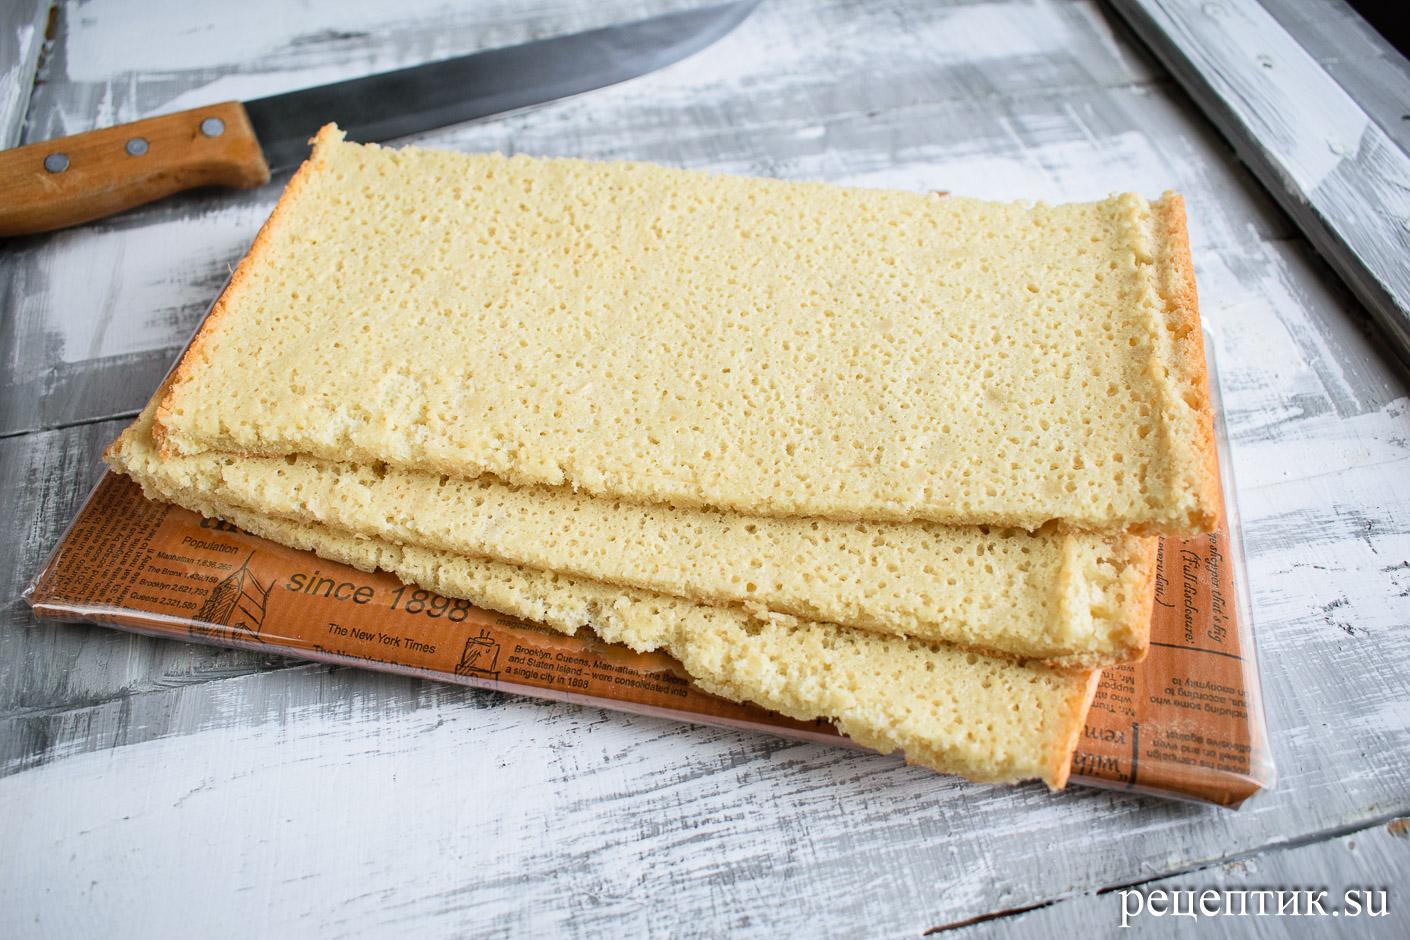 Торт «Опера» — классический французский десерт - рецепт с фото, шаг 9